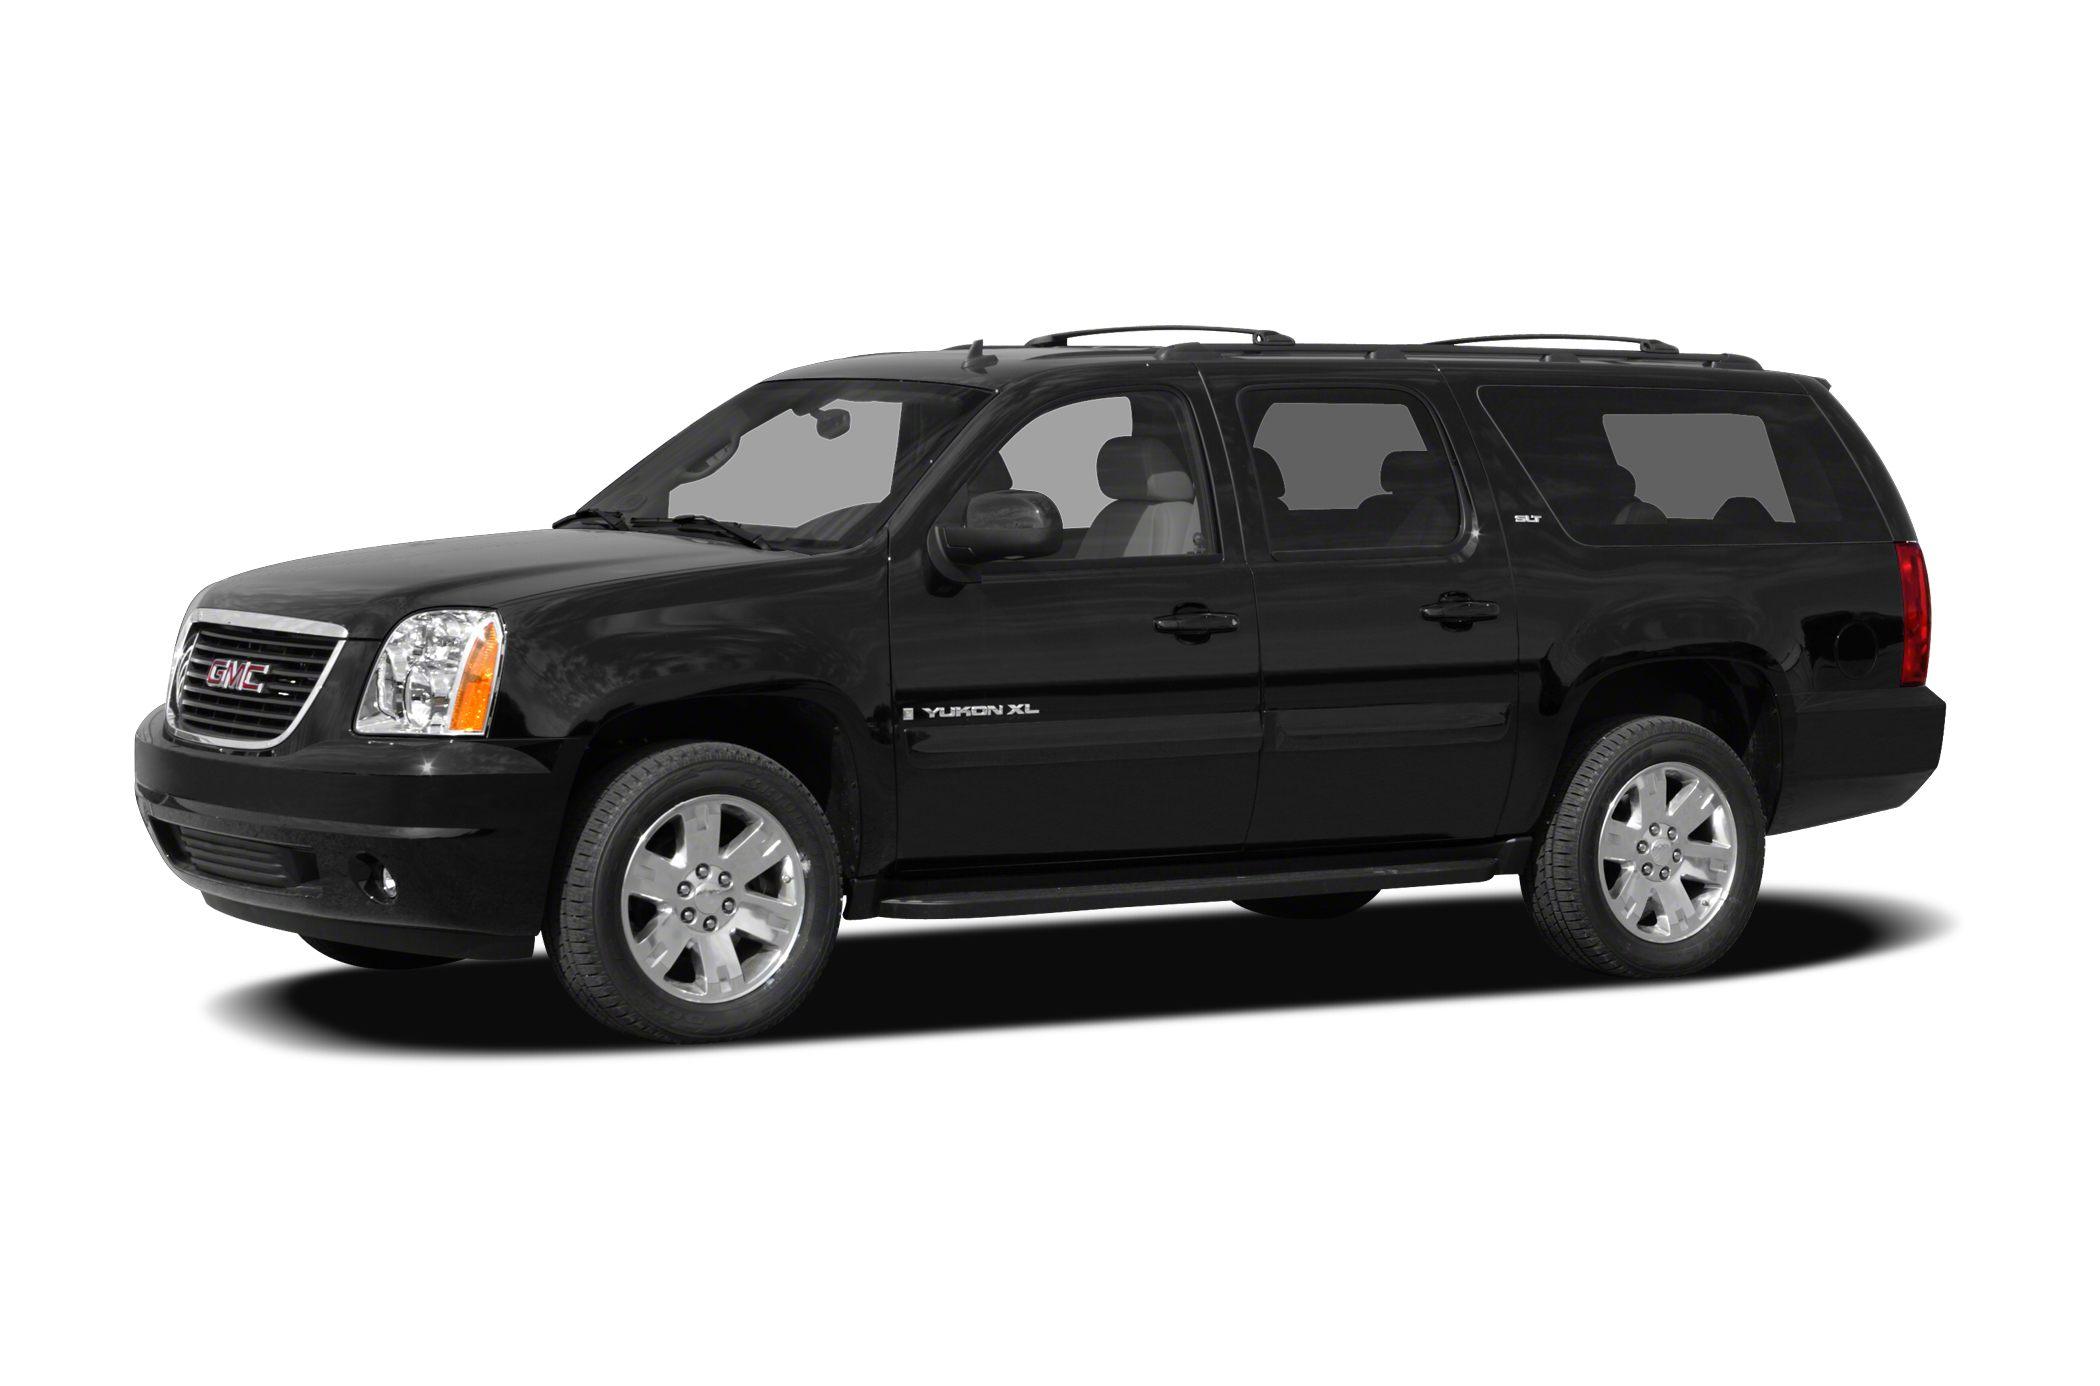 2011 GMC Yukon XL 2500